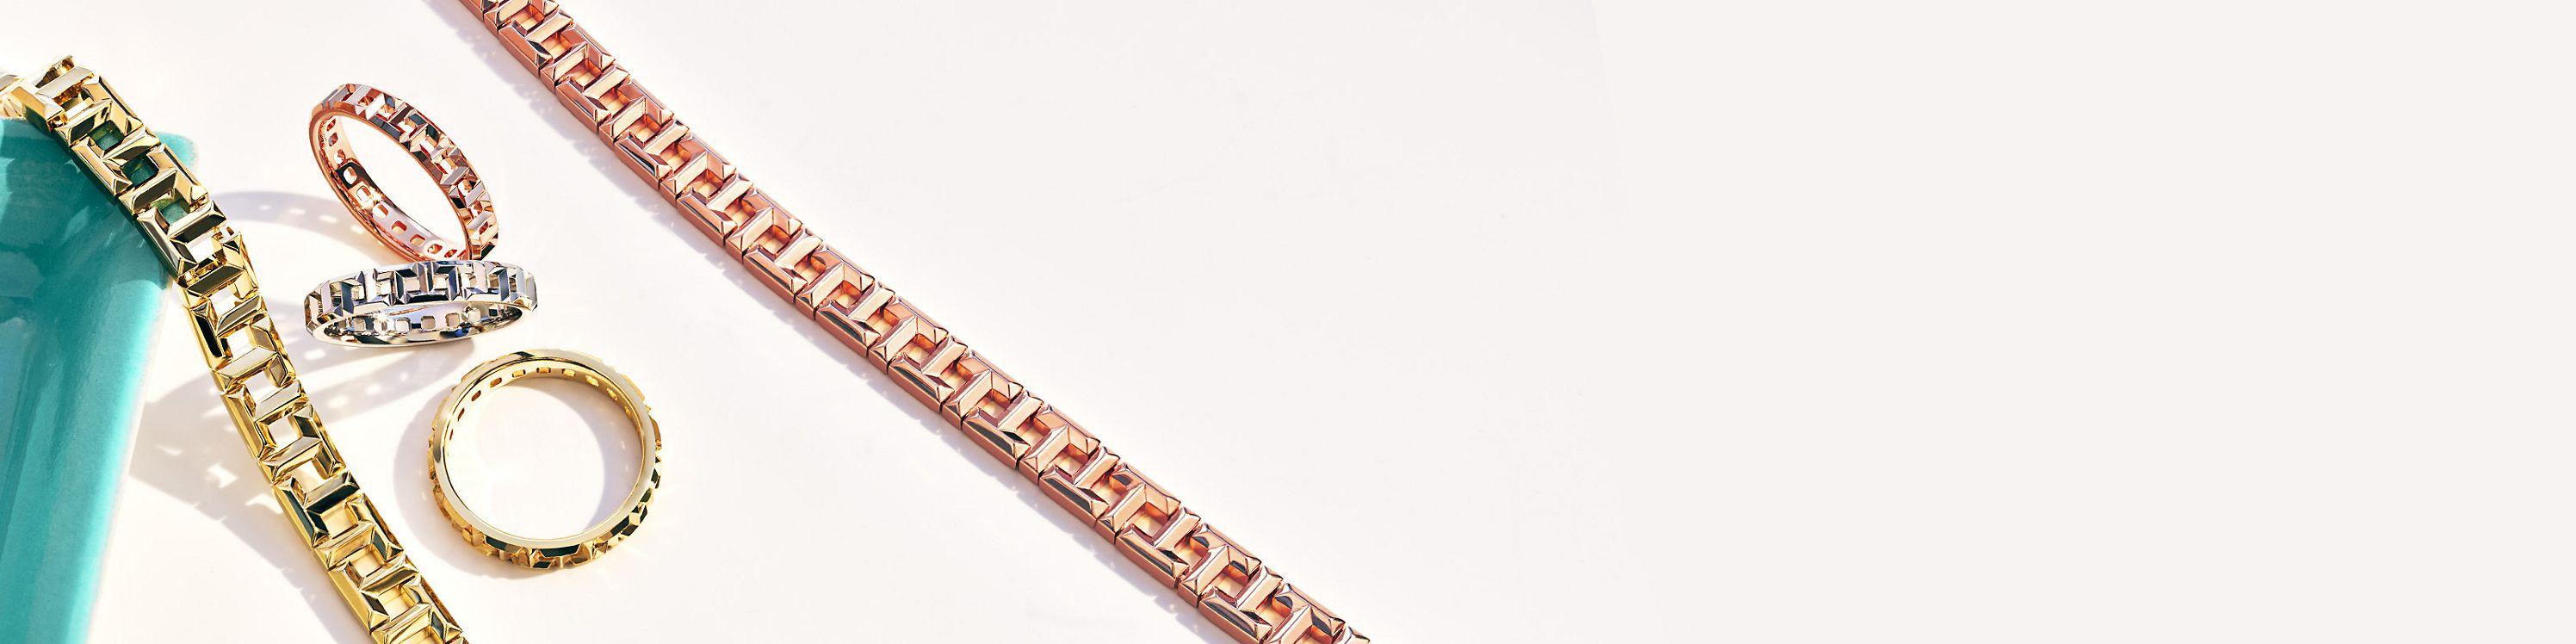 4cc9a5c84de7f Tiffany T | Tiffany & Co.